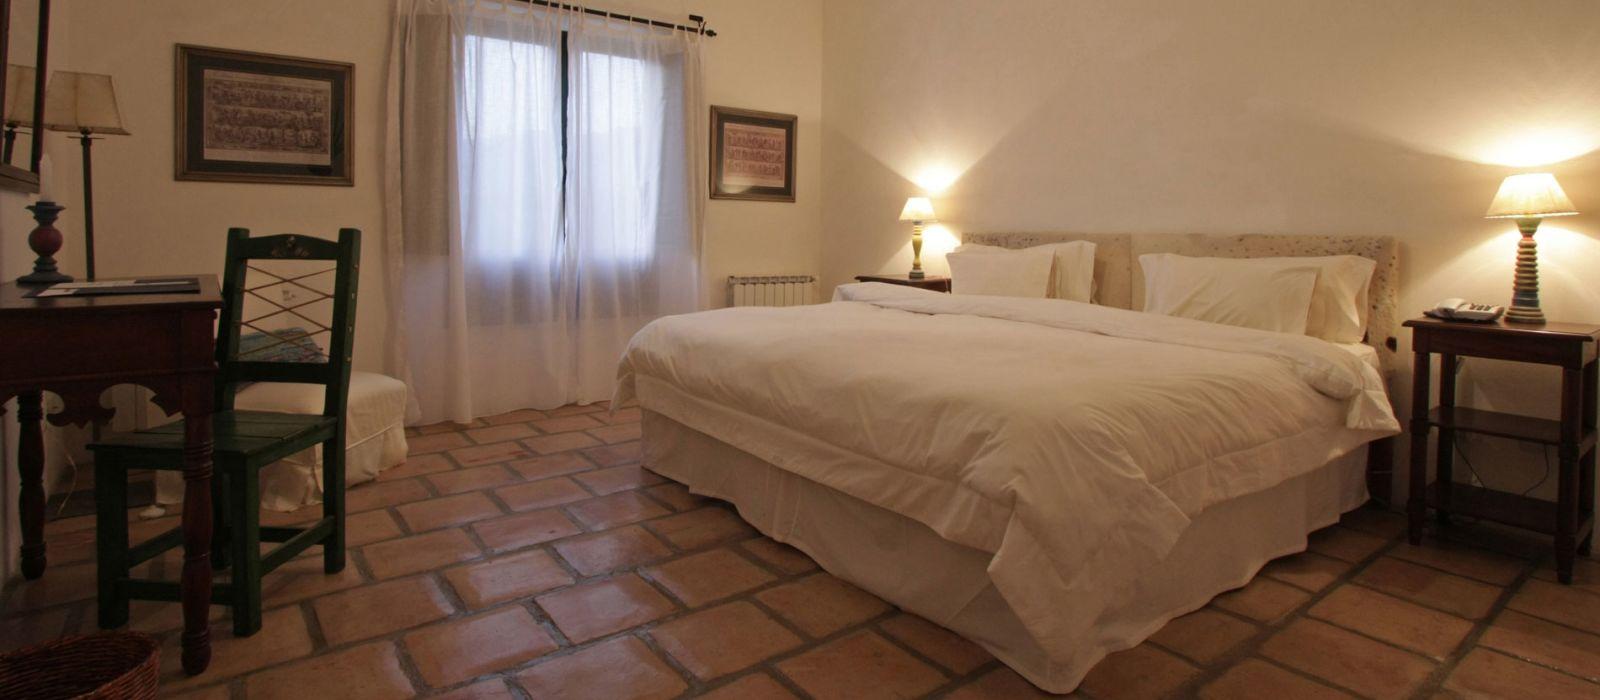 Hotel La Merced del Alto Argentinien